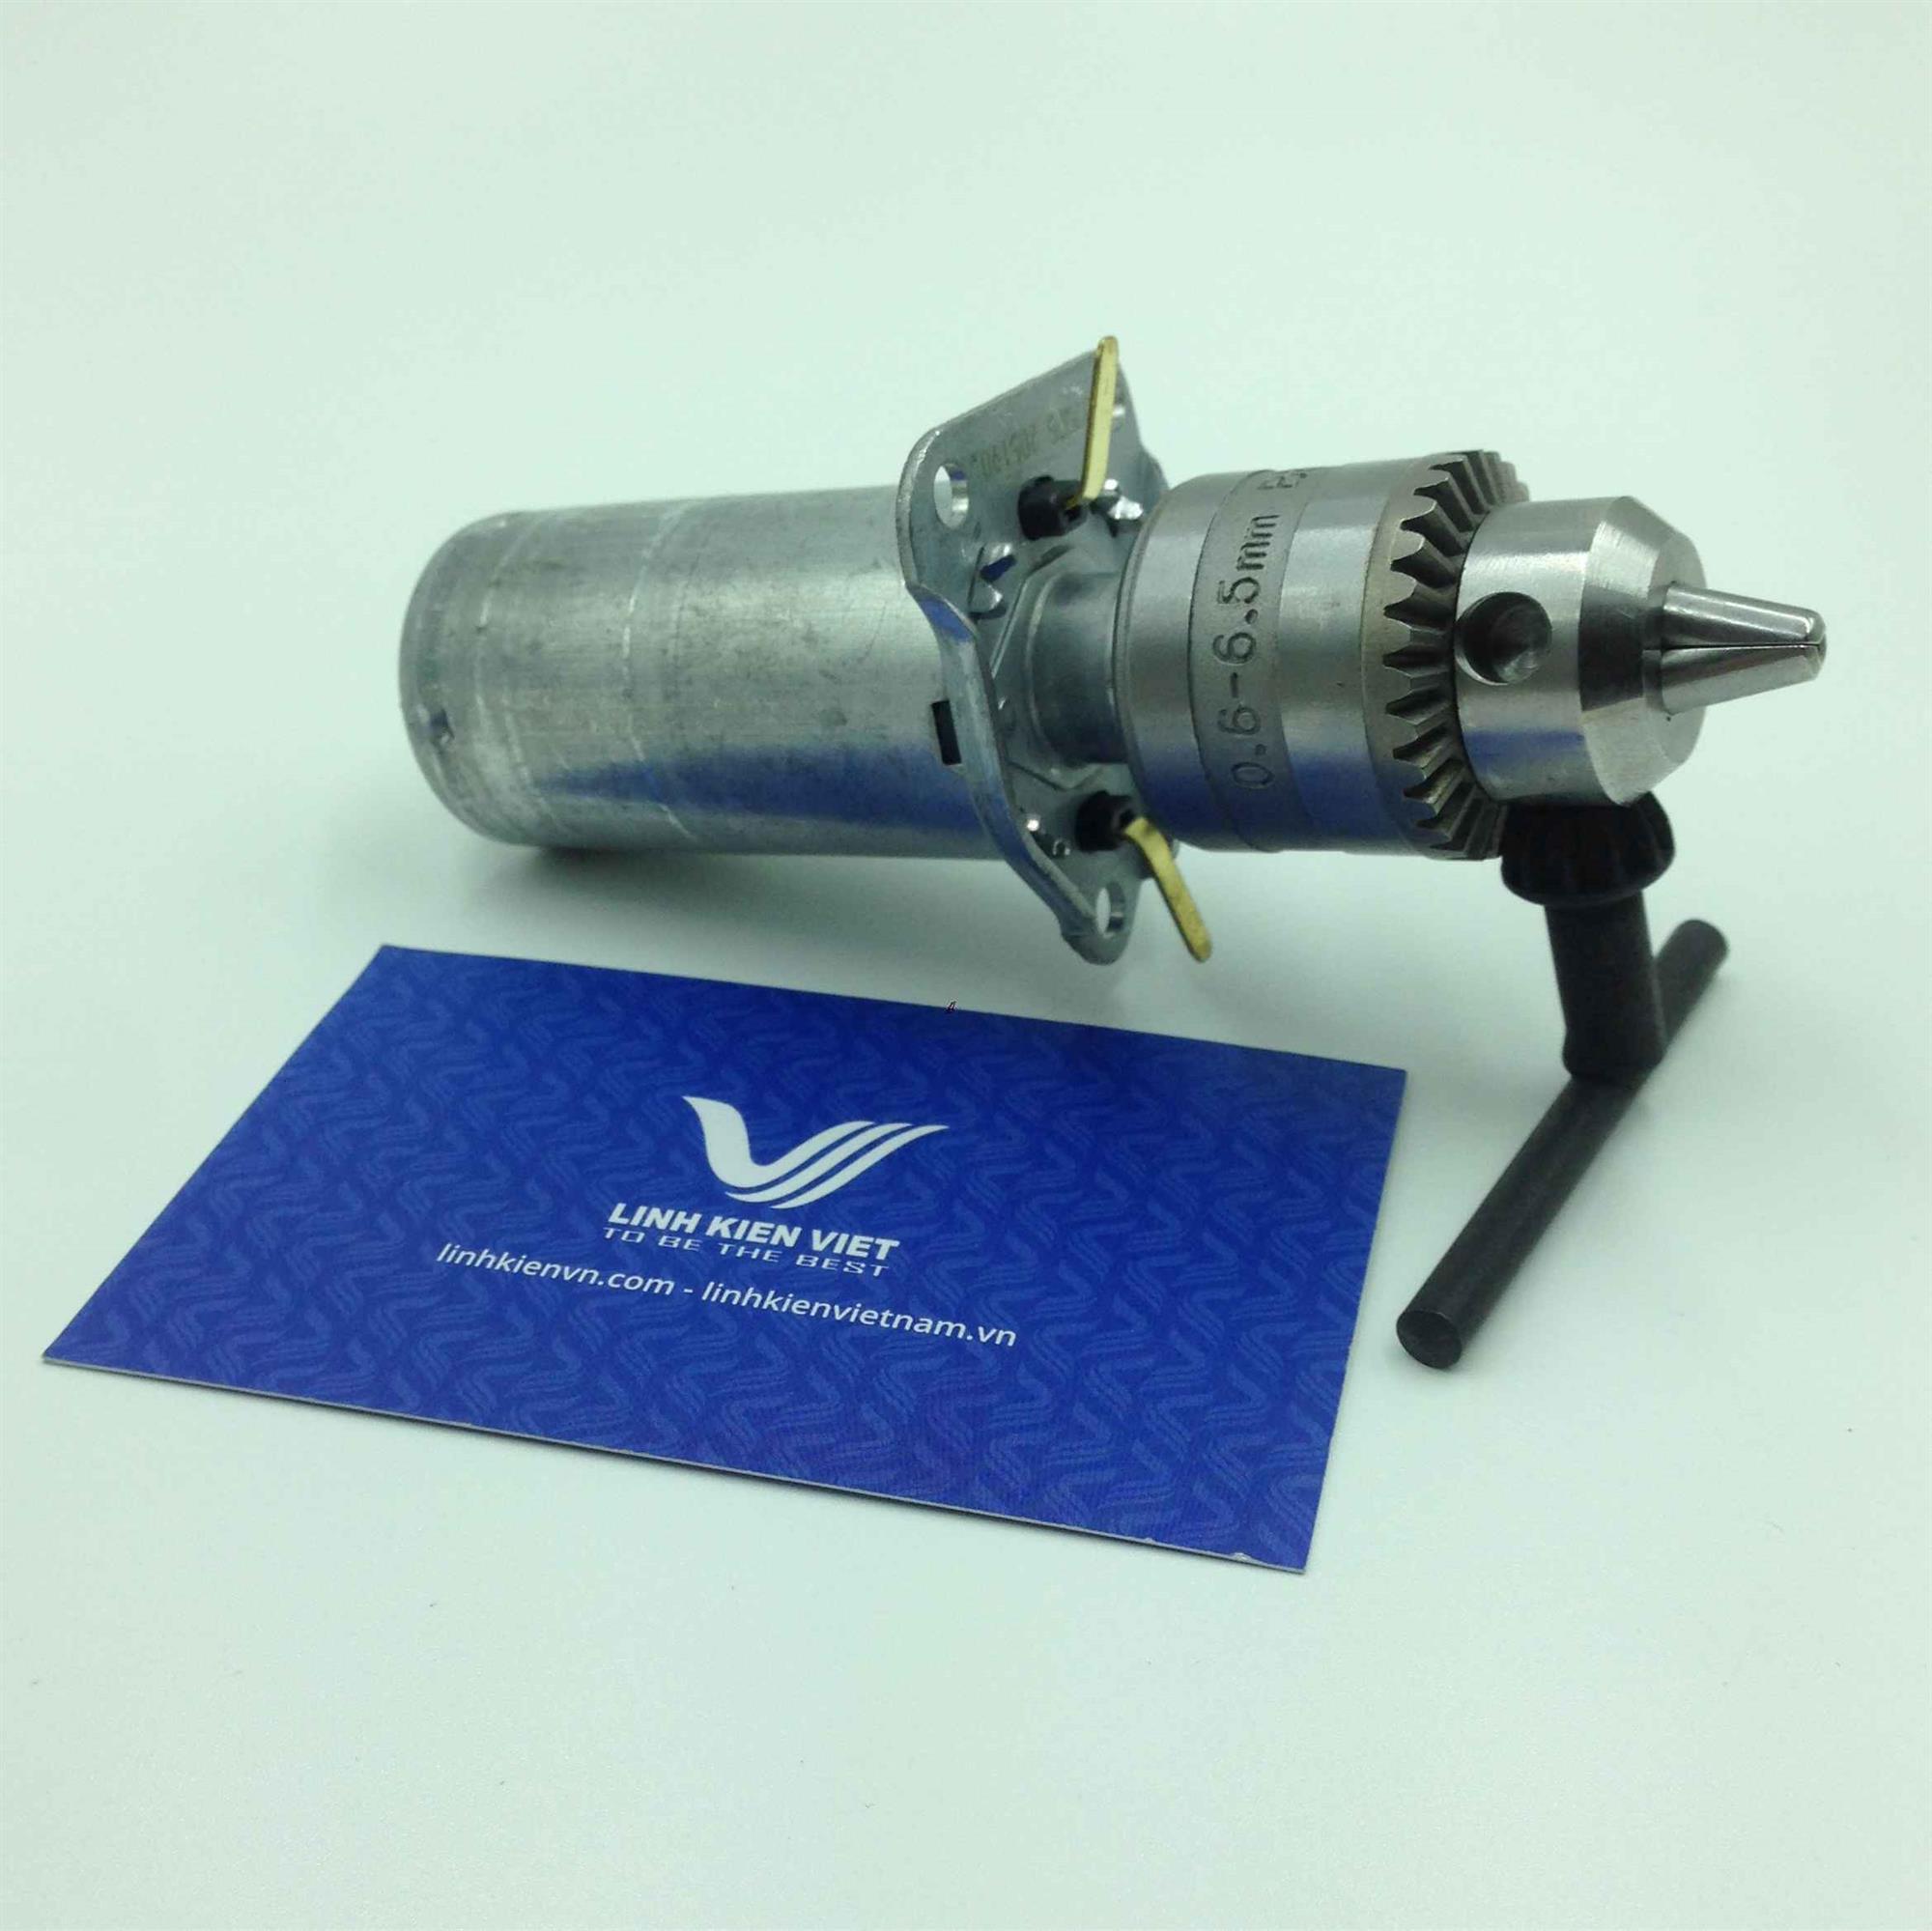 Motor khoan mạch 12V / Khoan tay DC 12V / Khoan mạch DC 12V (không khuyến mãi) - G5H20